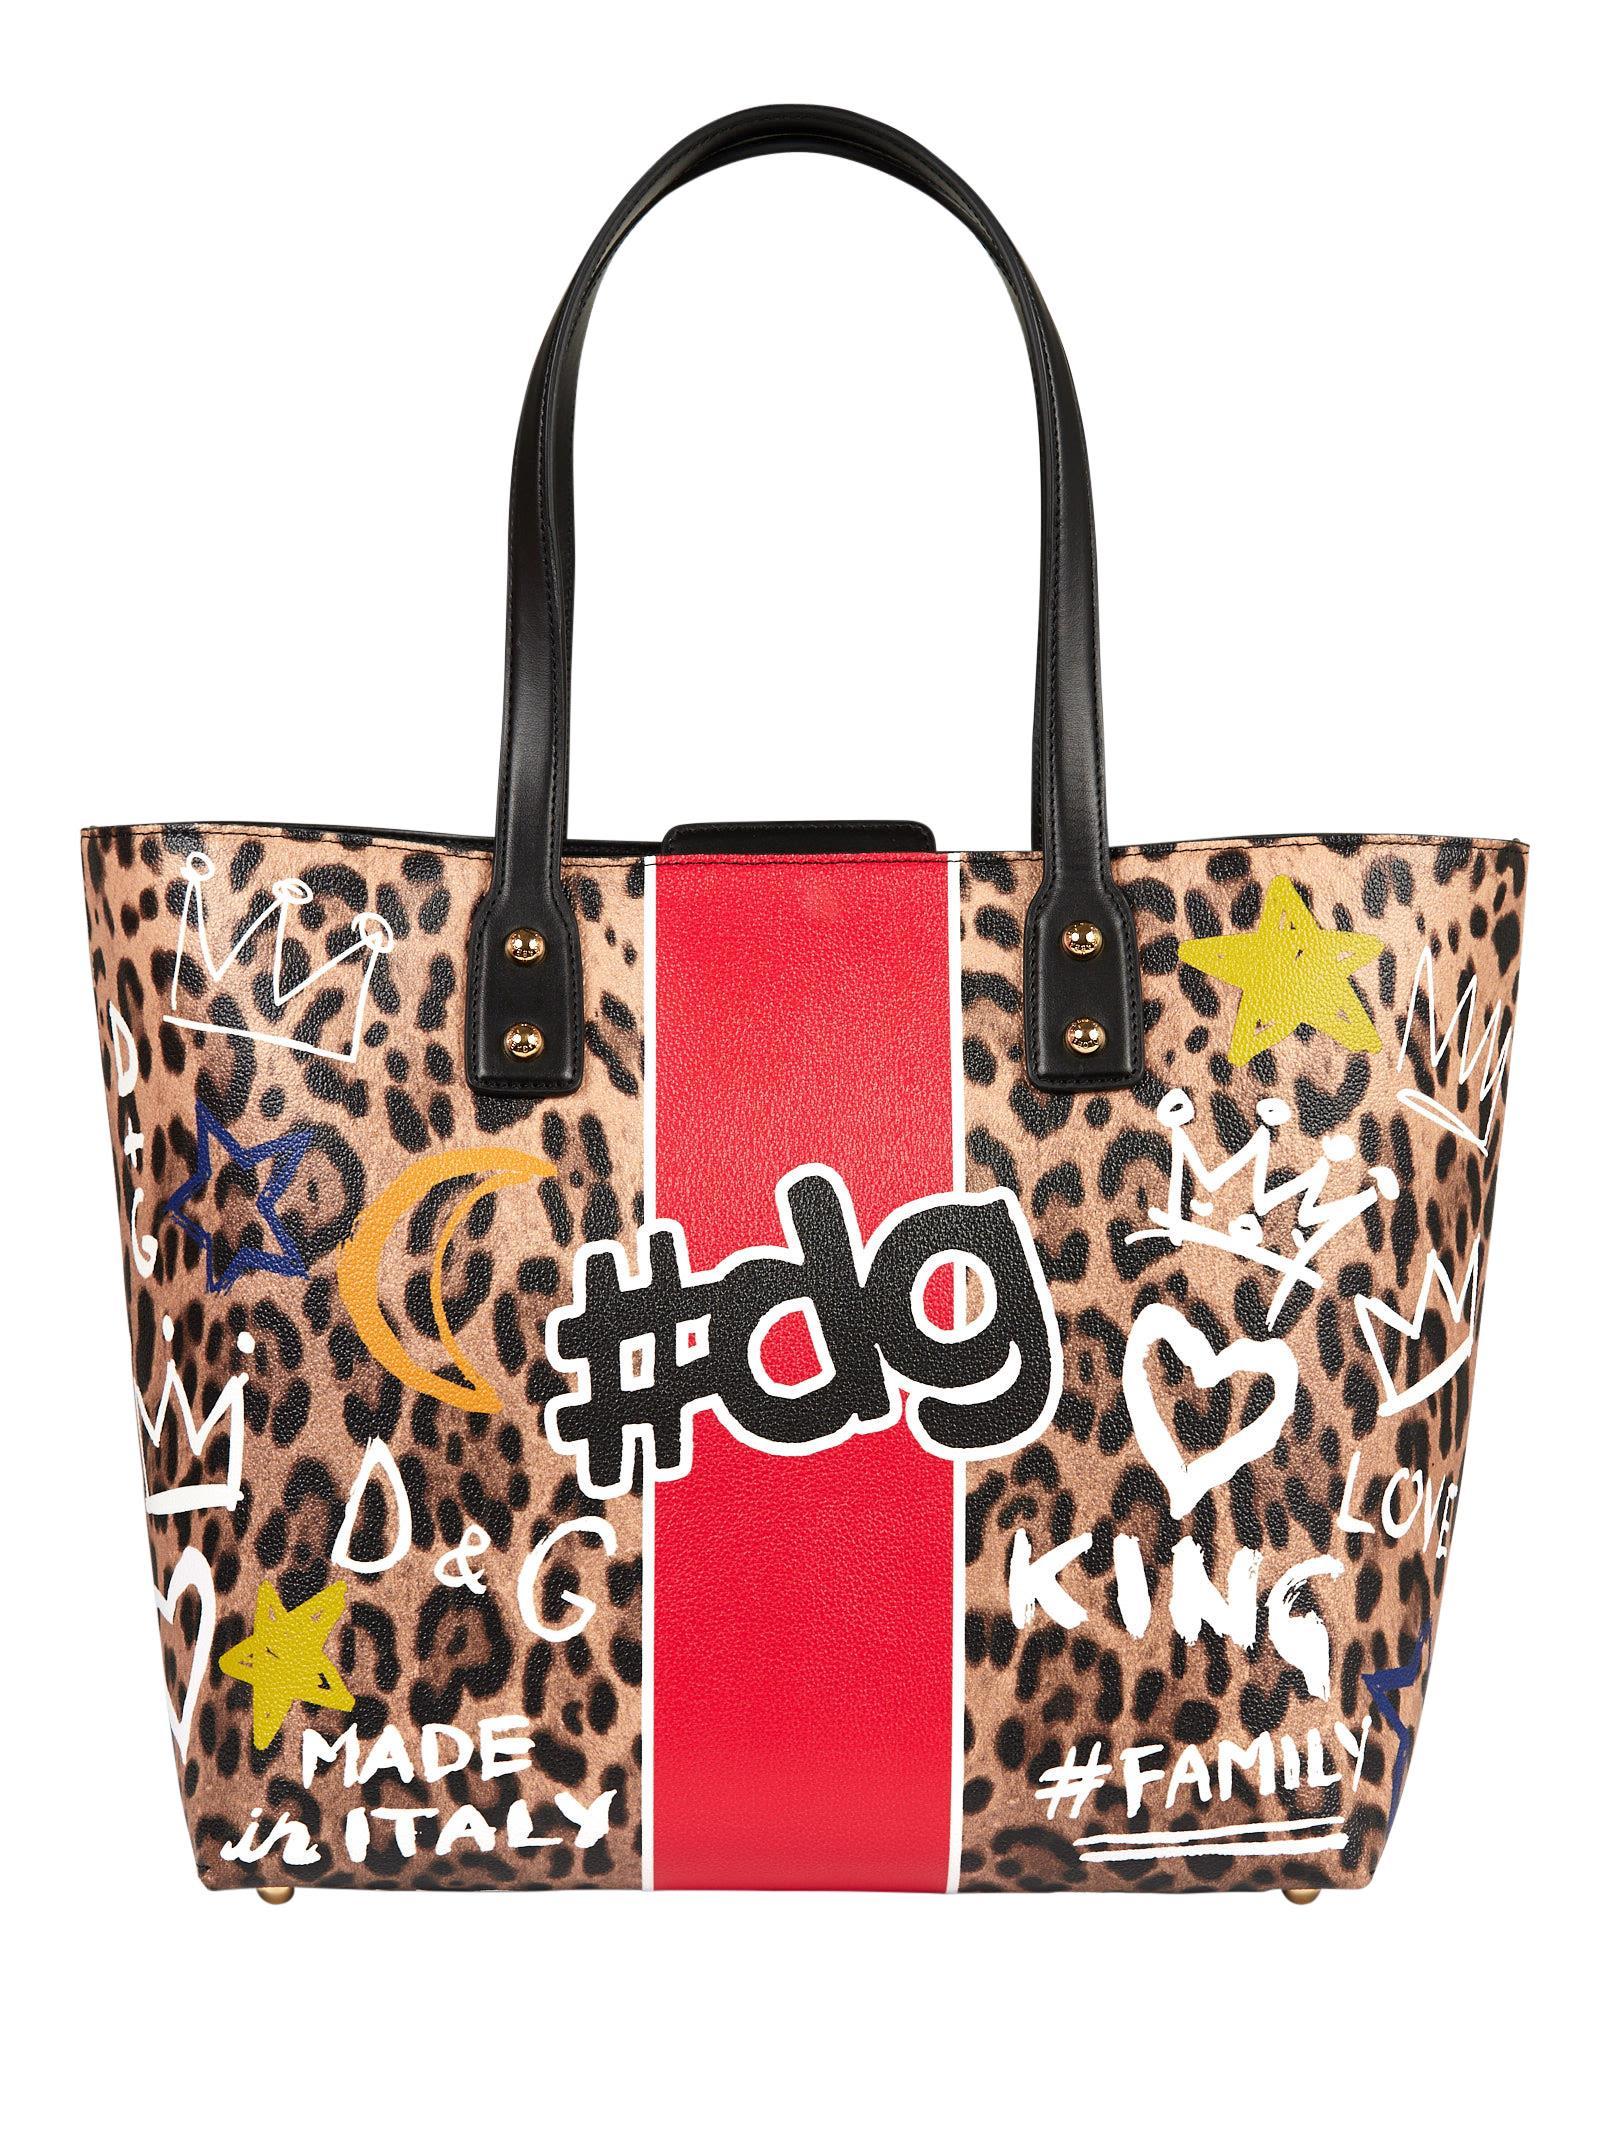 Dolce & Gabbana Crespo Tote